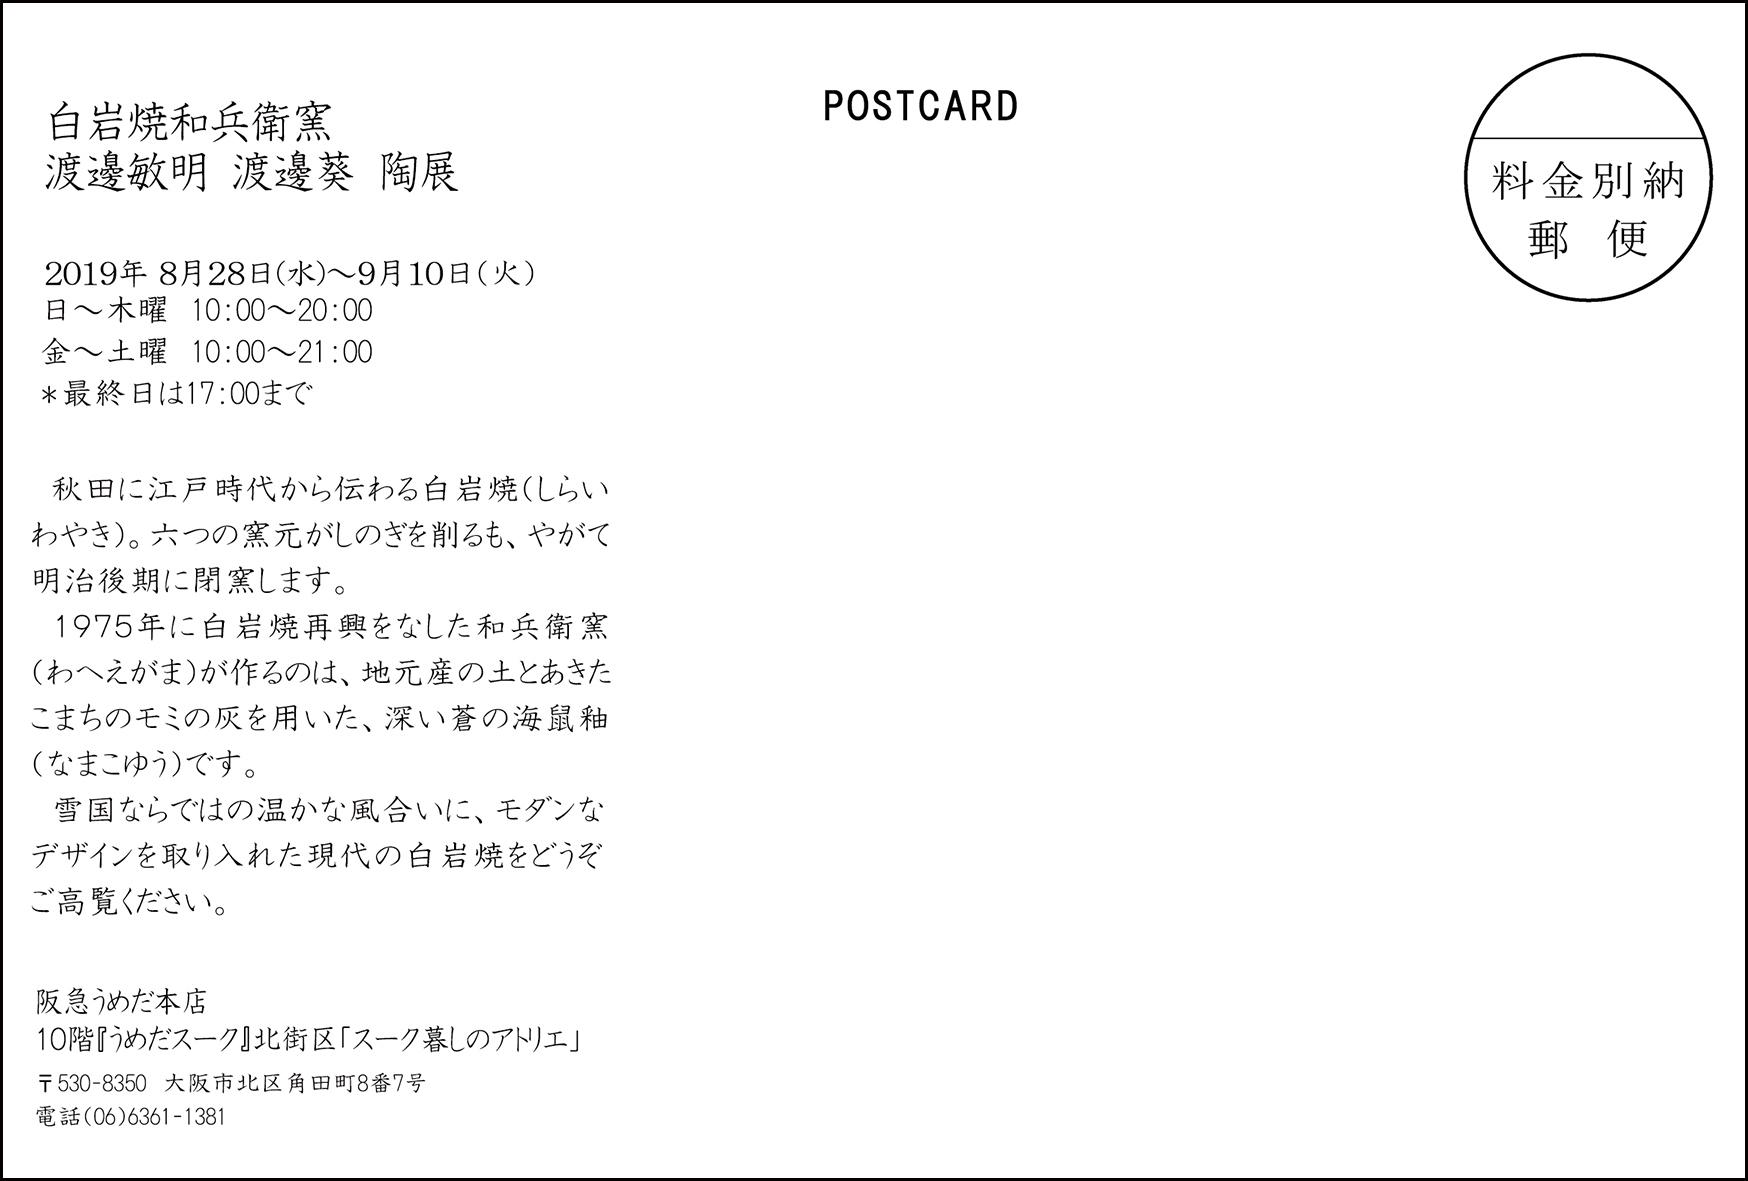 「白岩焼和兵衛窯」とギャラリー「白渓荘」お休みのお知らせ_a0233551_21331558.jpg